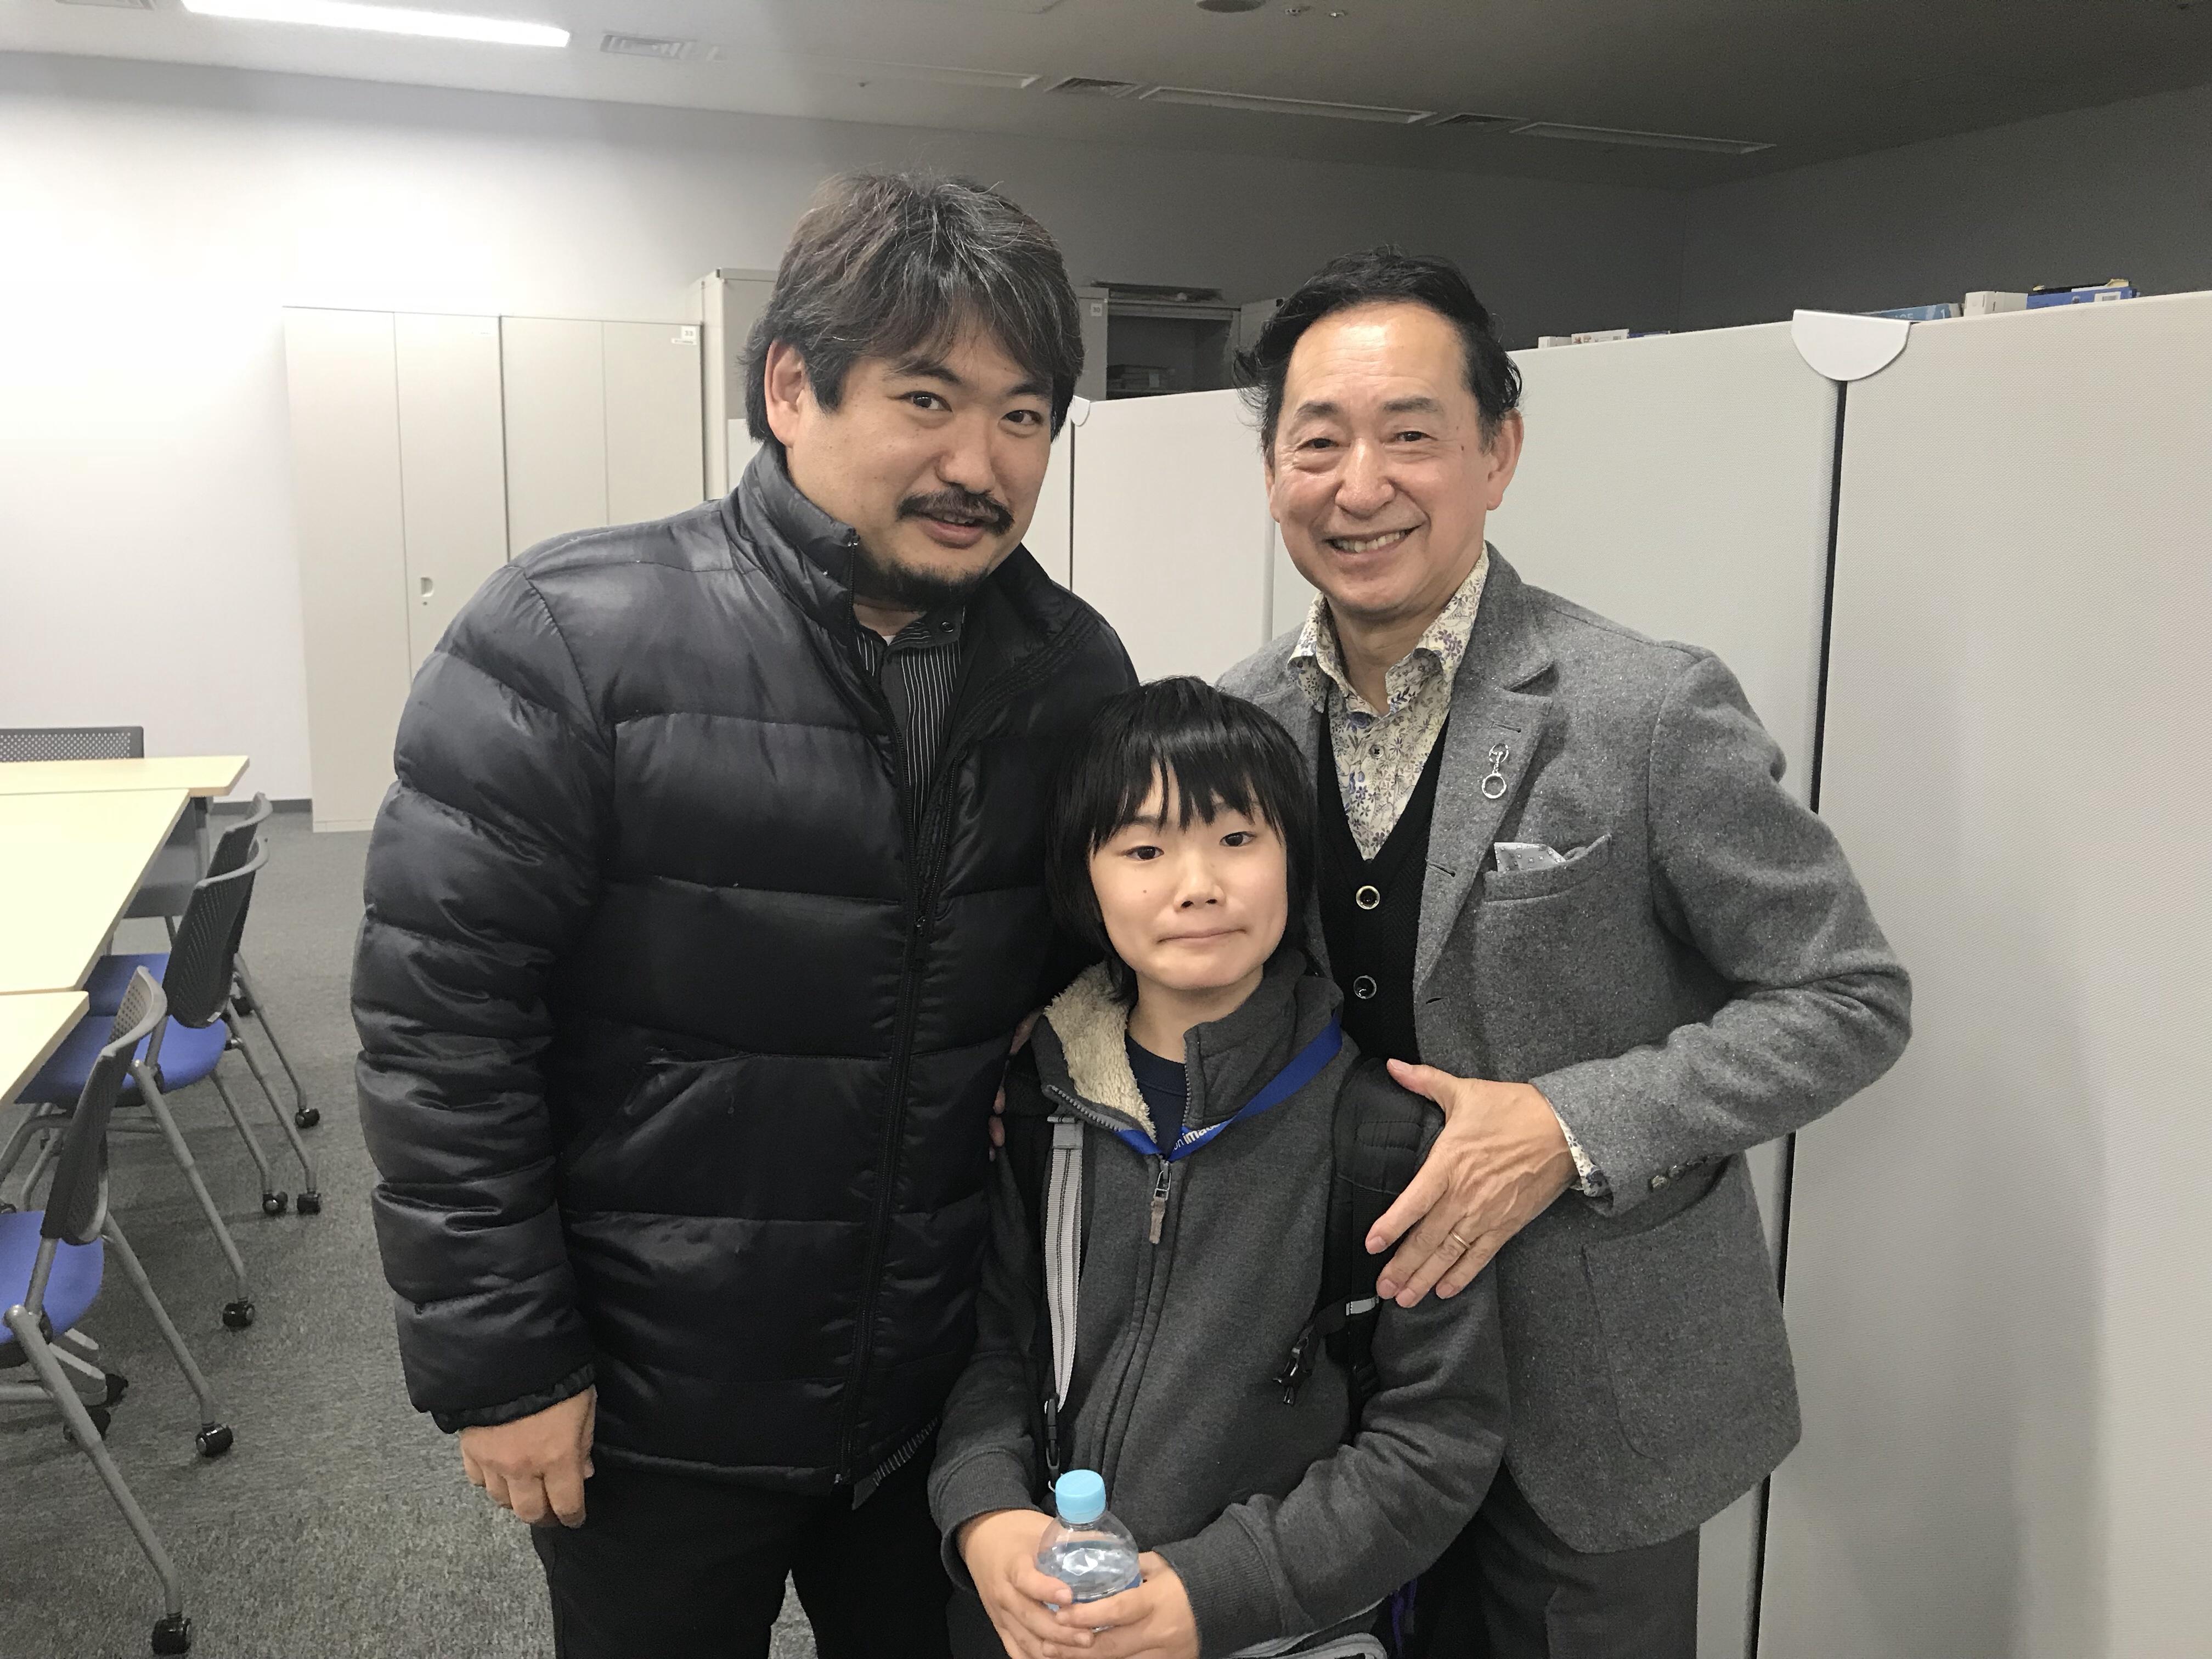 毛利館長と白井暁彦と息子